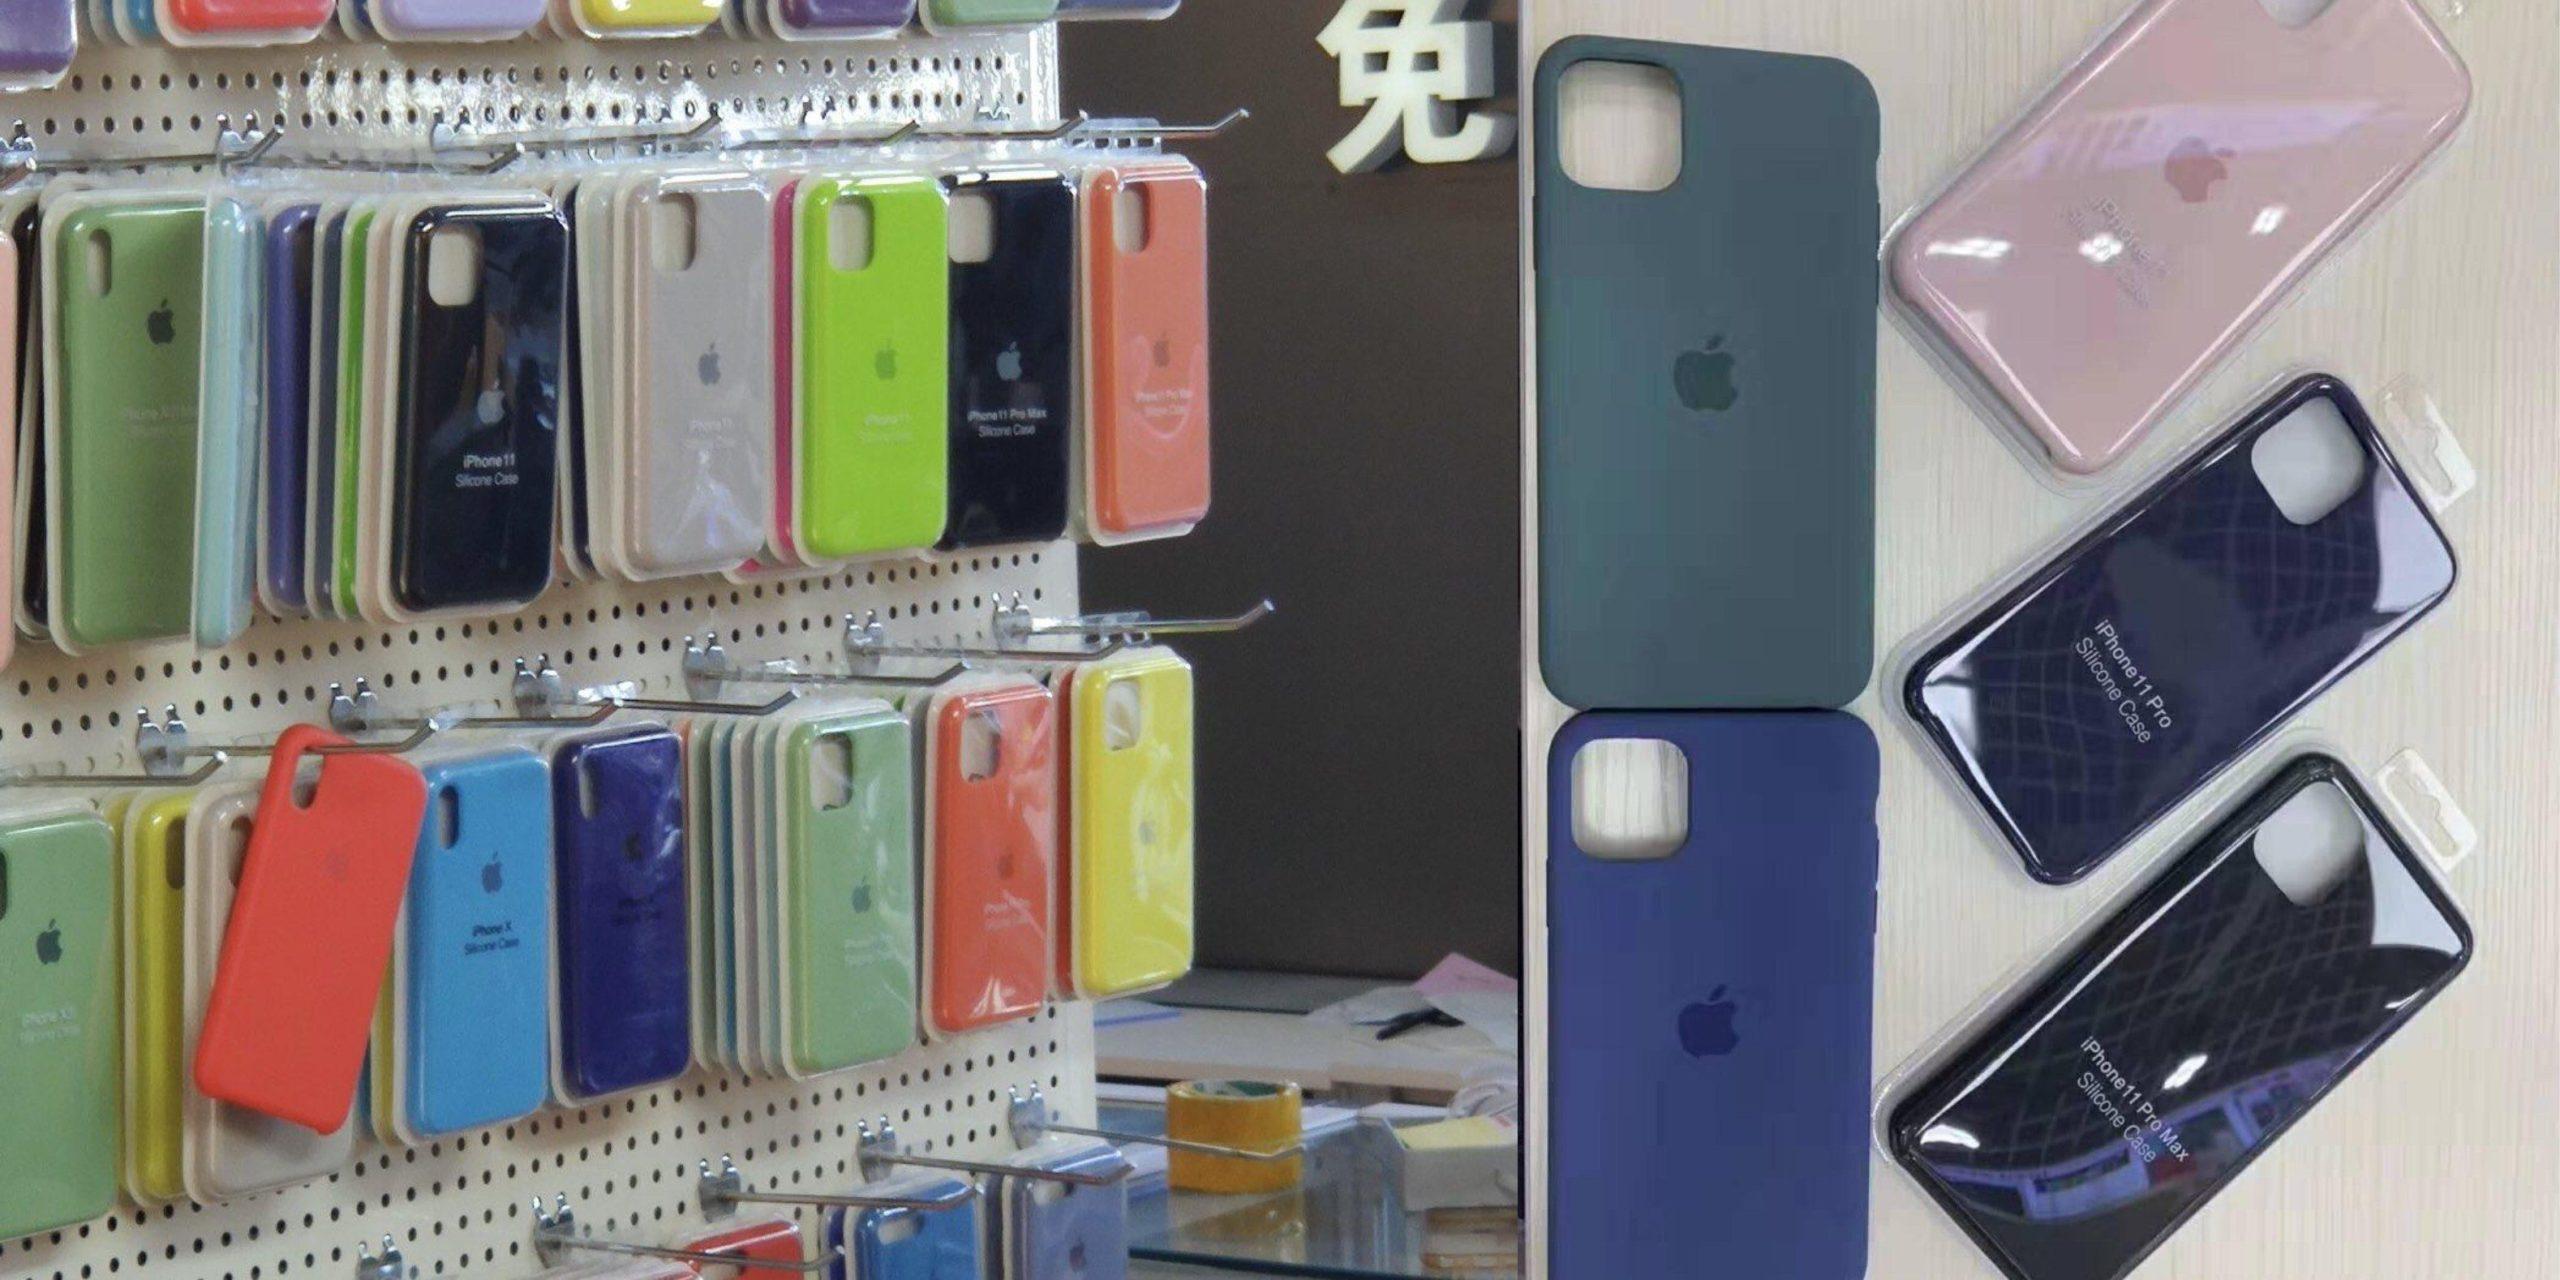 İPhone 11'in sızdırılmış fotoğrafları 1